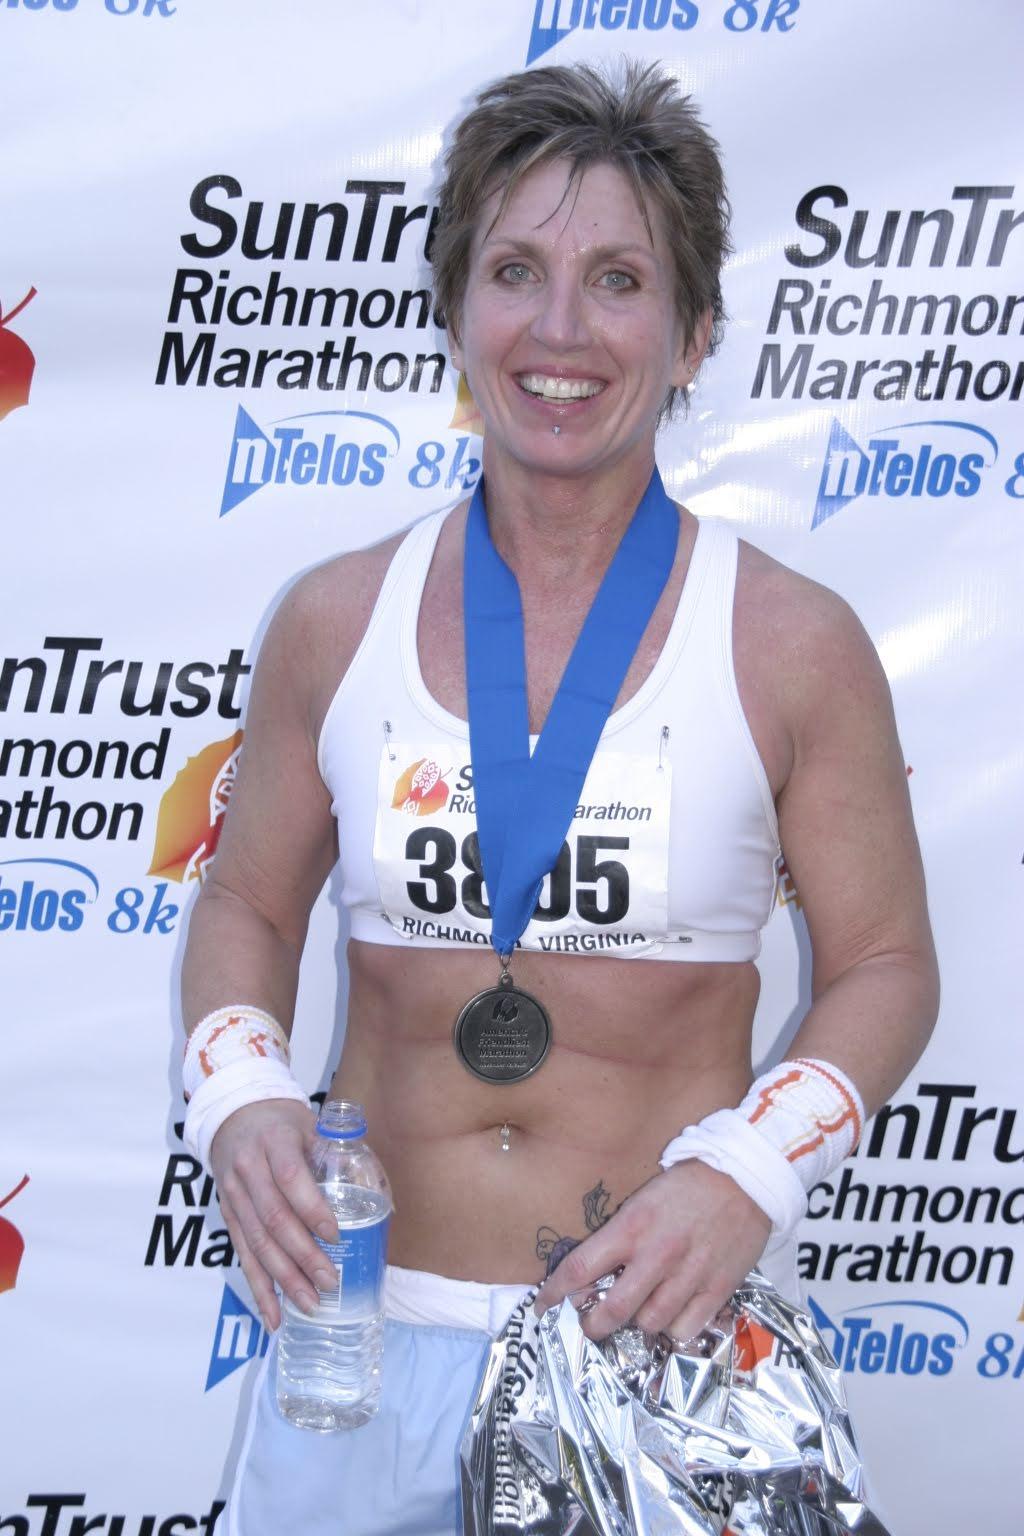 Richmond Marathon Beverly 11-12-05 10